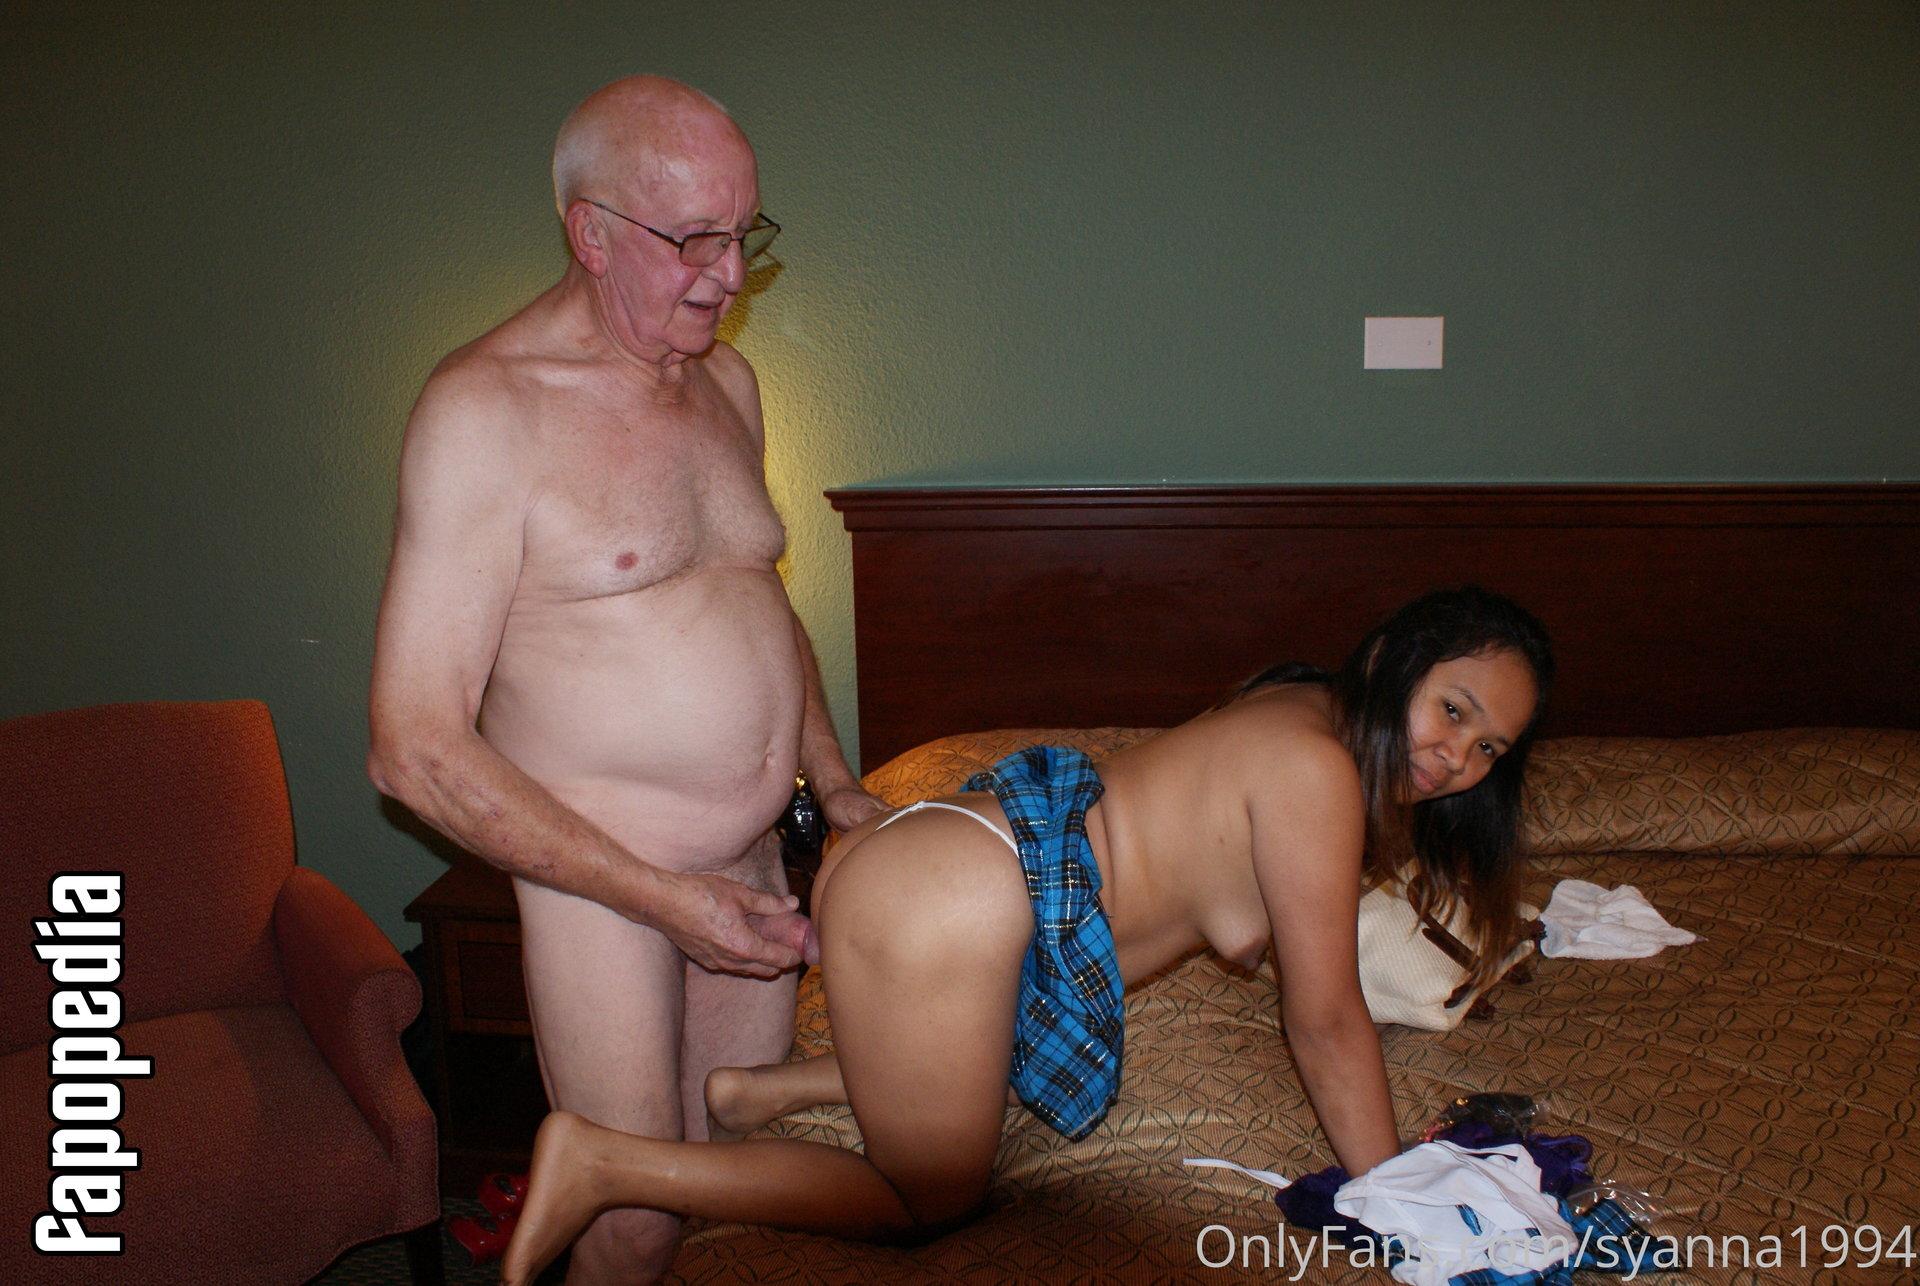 Yannayo1 Nude OnlyFans Leaks